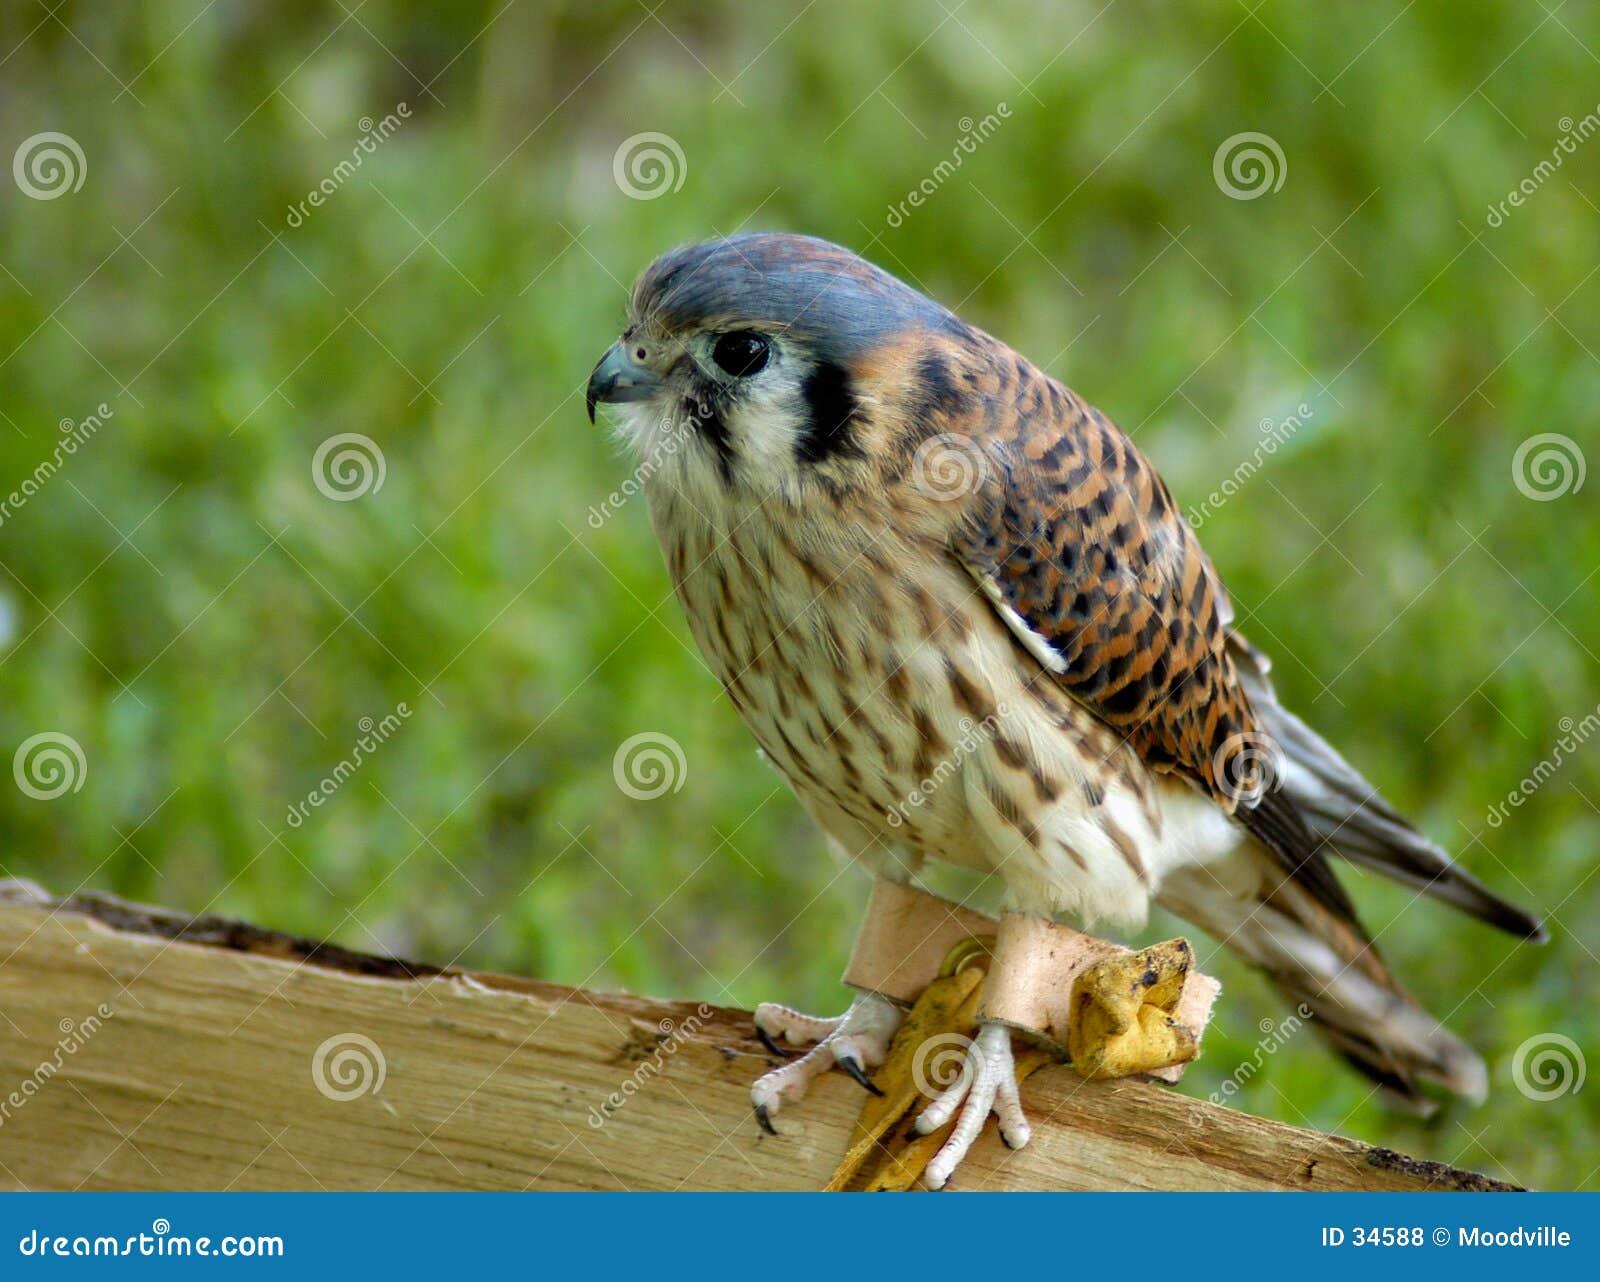 Bird of Prey - Kestrel